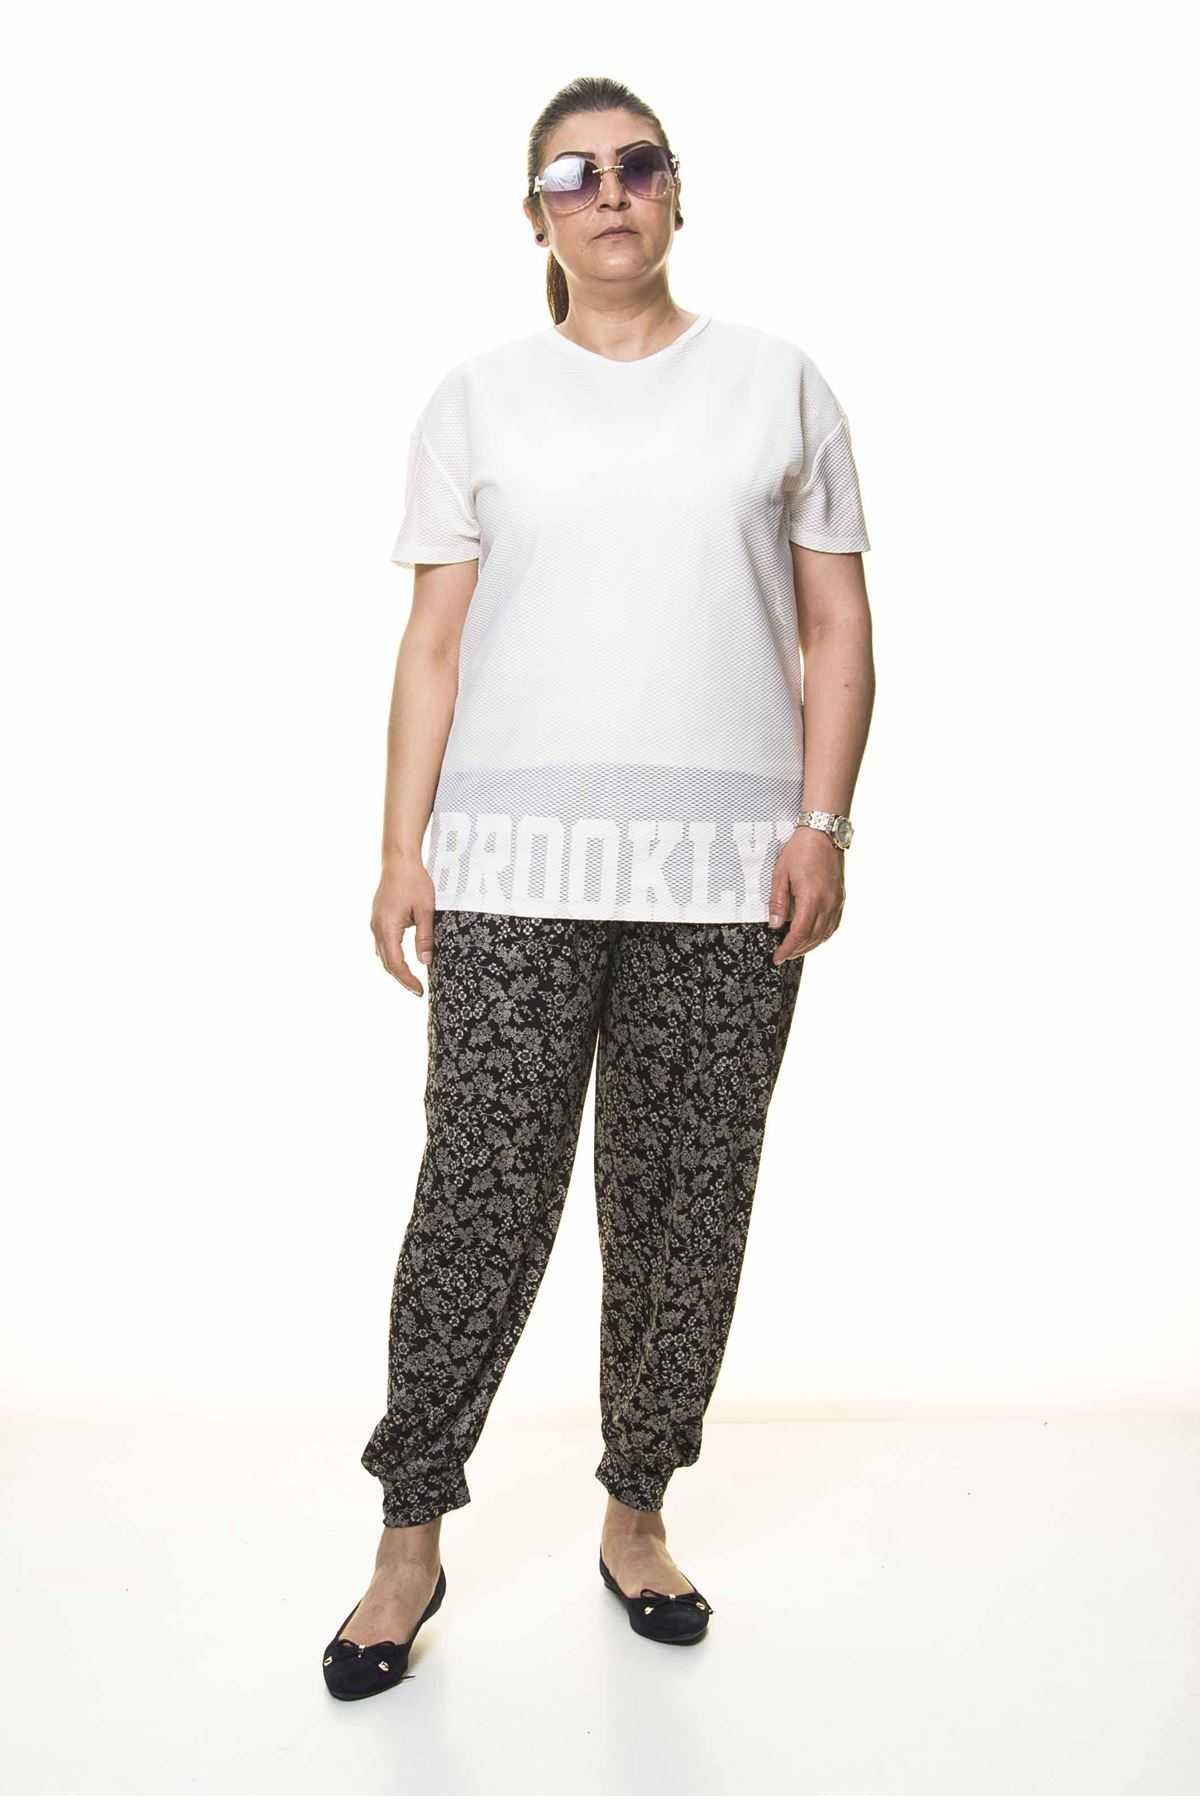 Kadın Büyük Beden Desenli Yazlık Şalvar Pantolon 11D-3099